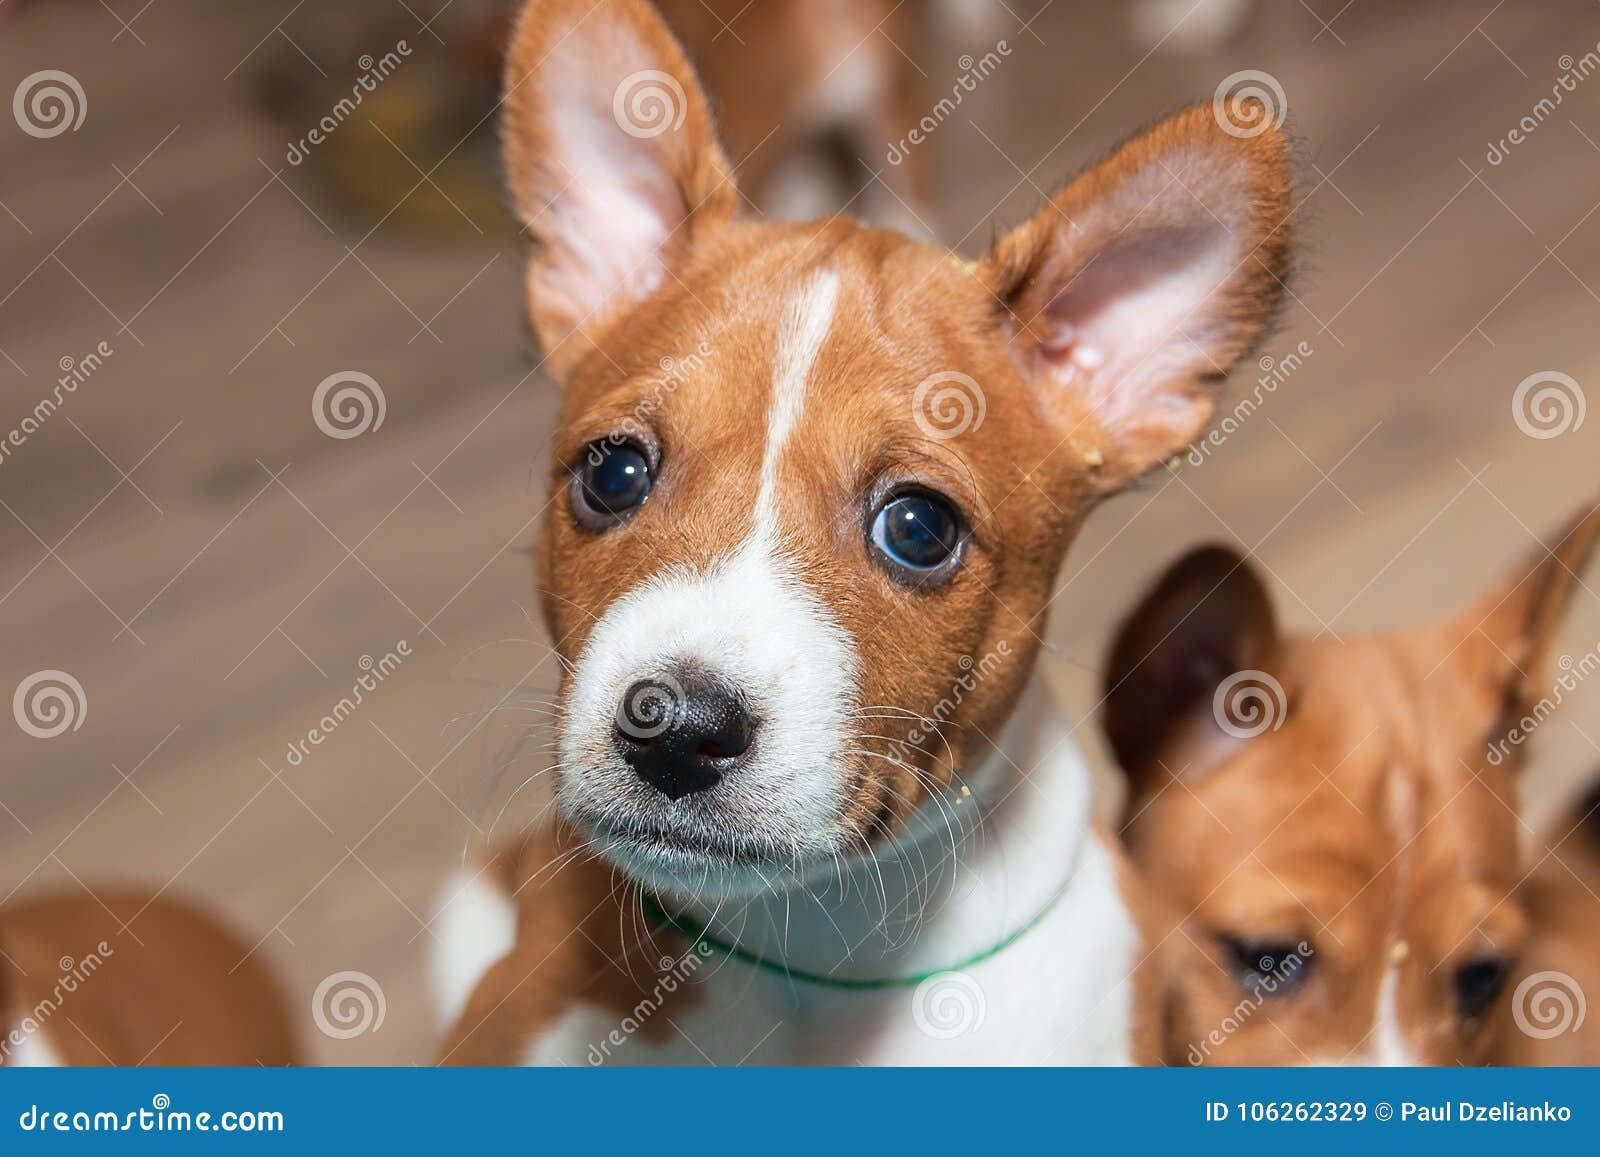 Beautiful Cute Puppy Dogs Not Barking Dog Breed Basenji Stock Image